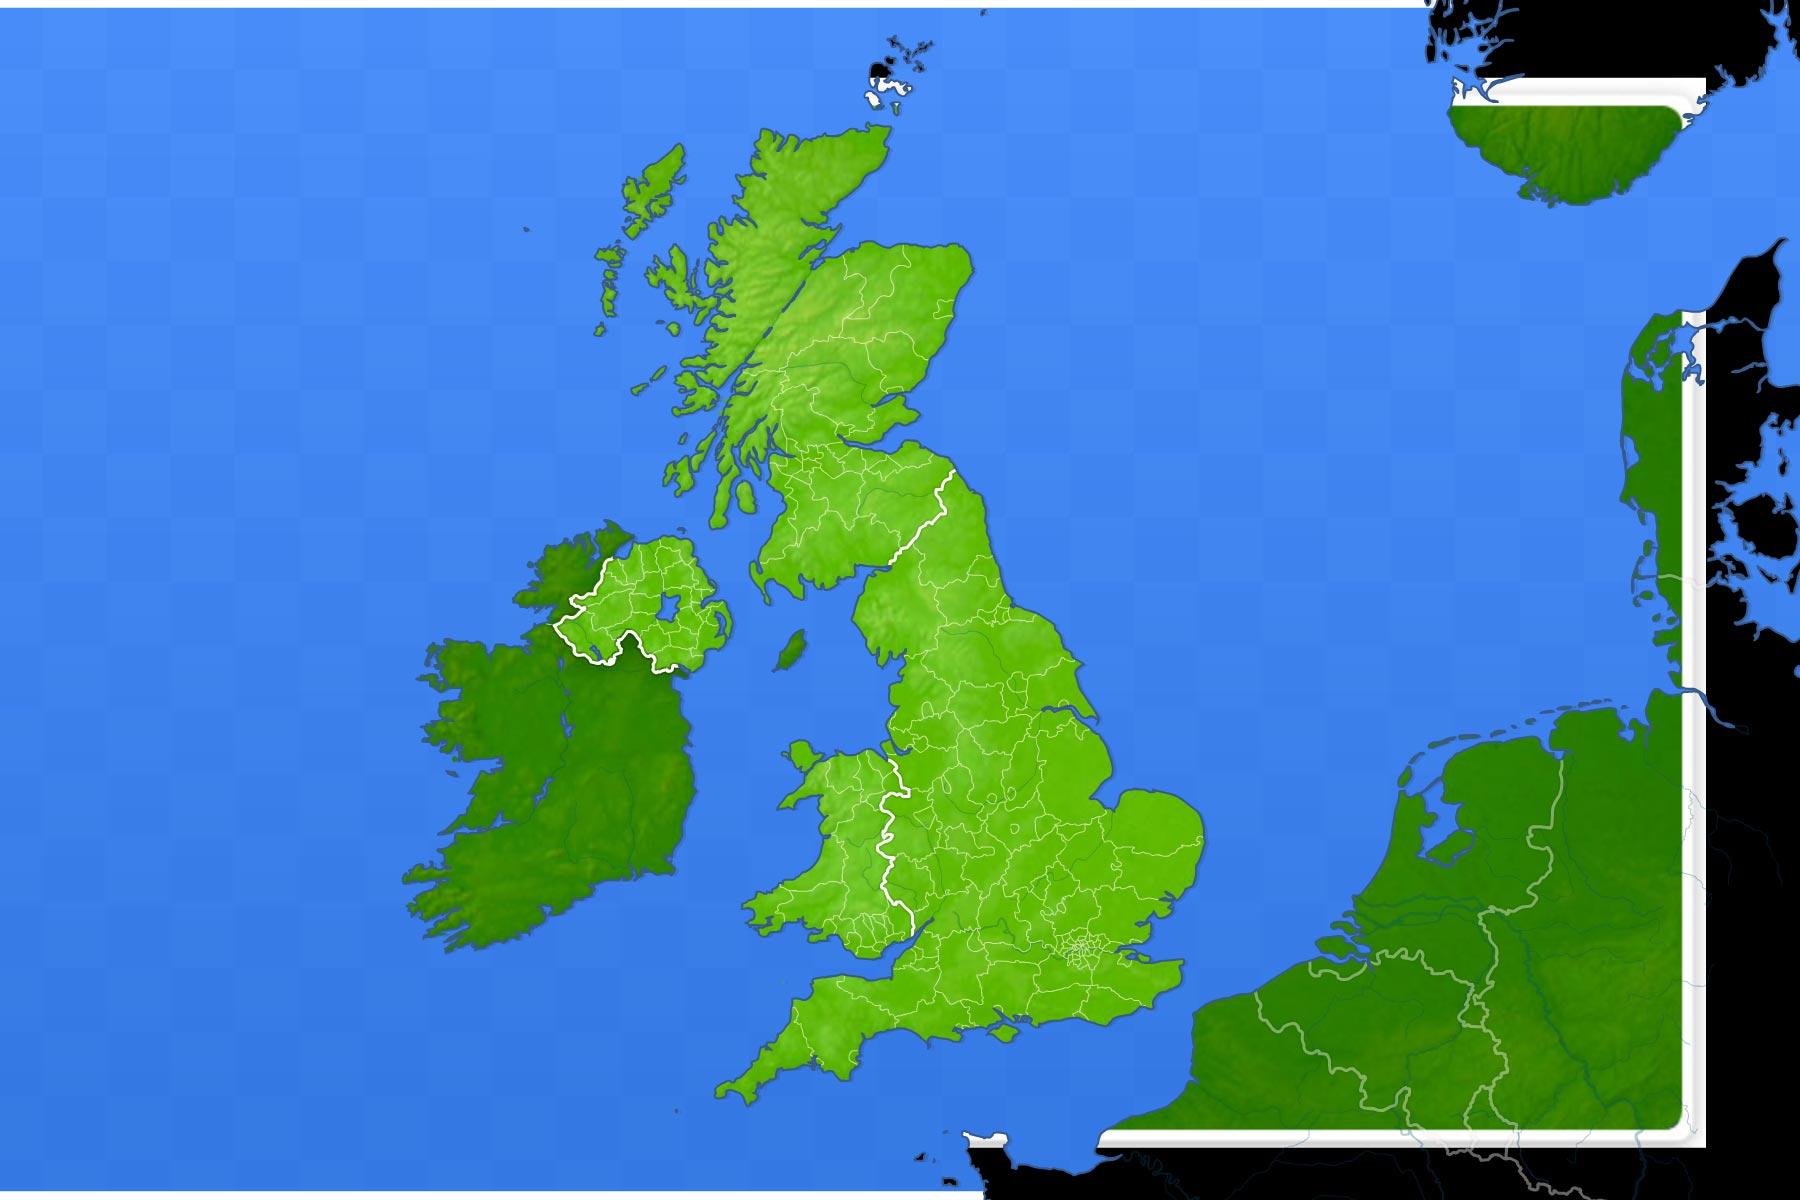 Jeux-Geographiques Jeux Gratuits Villes Du Royaume Uni concernant Jeux Geographique